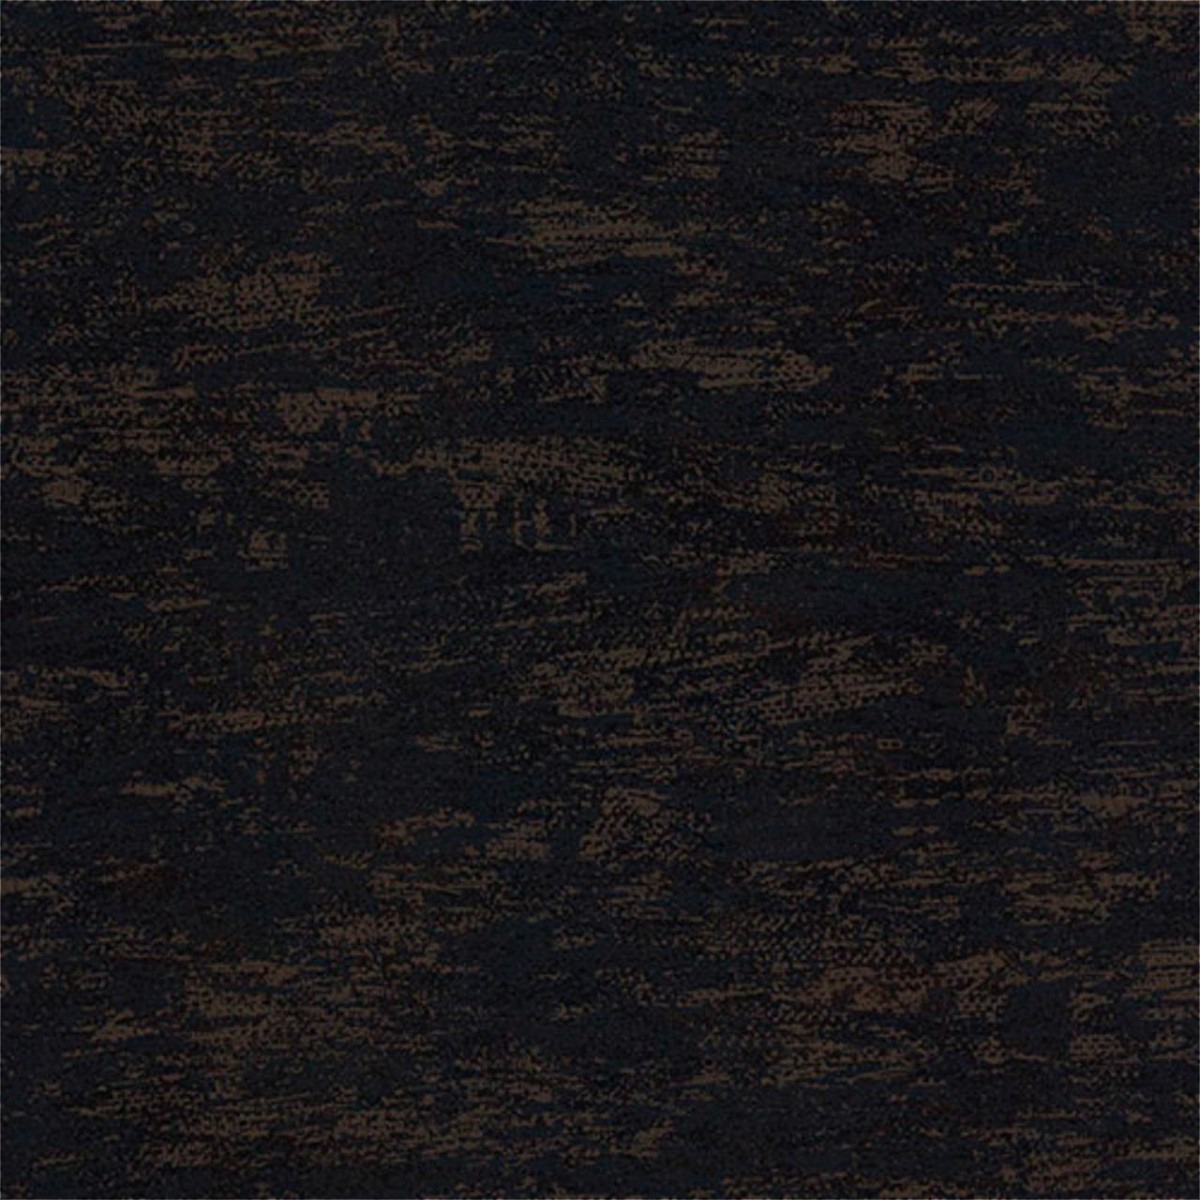 Обои флизелиновые Marburg Estelle серые 0.53 м 55738